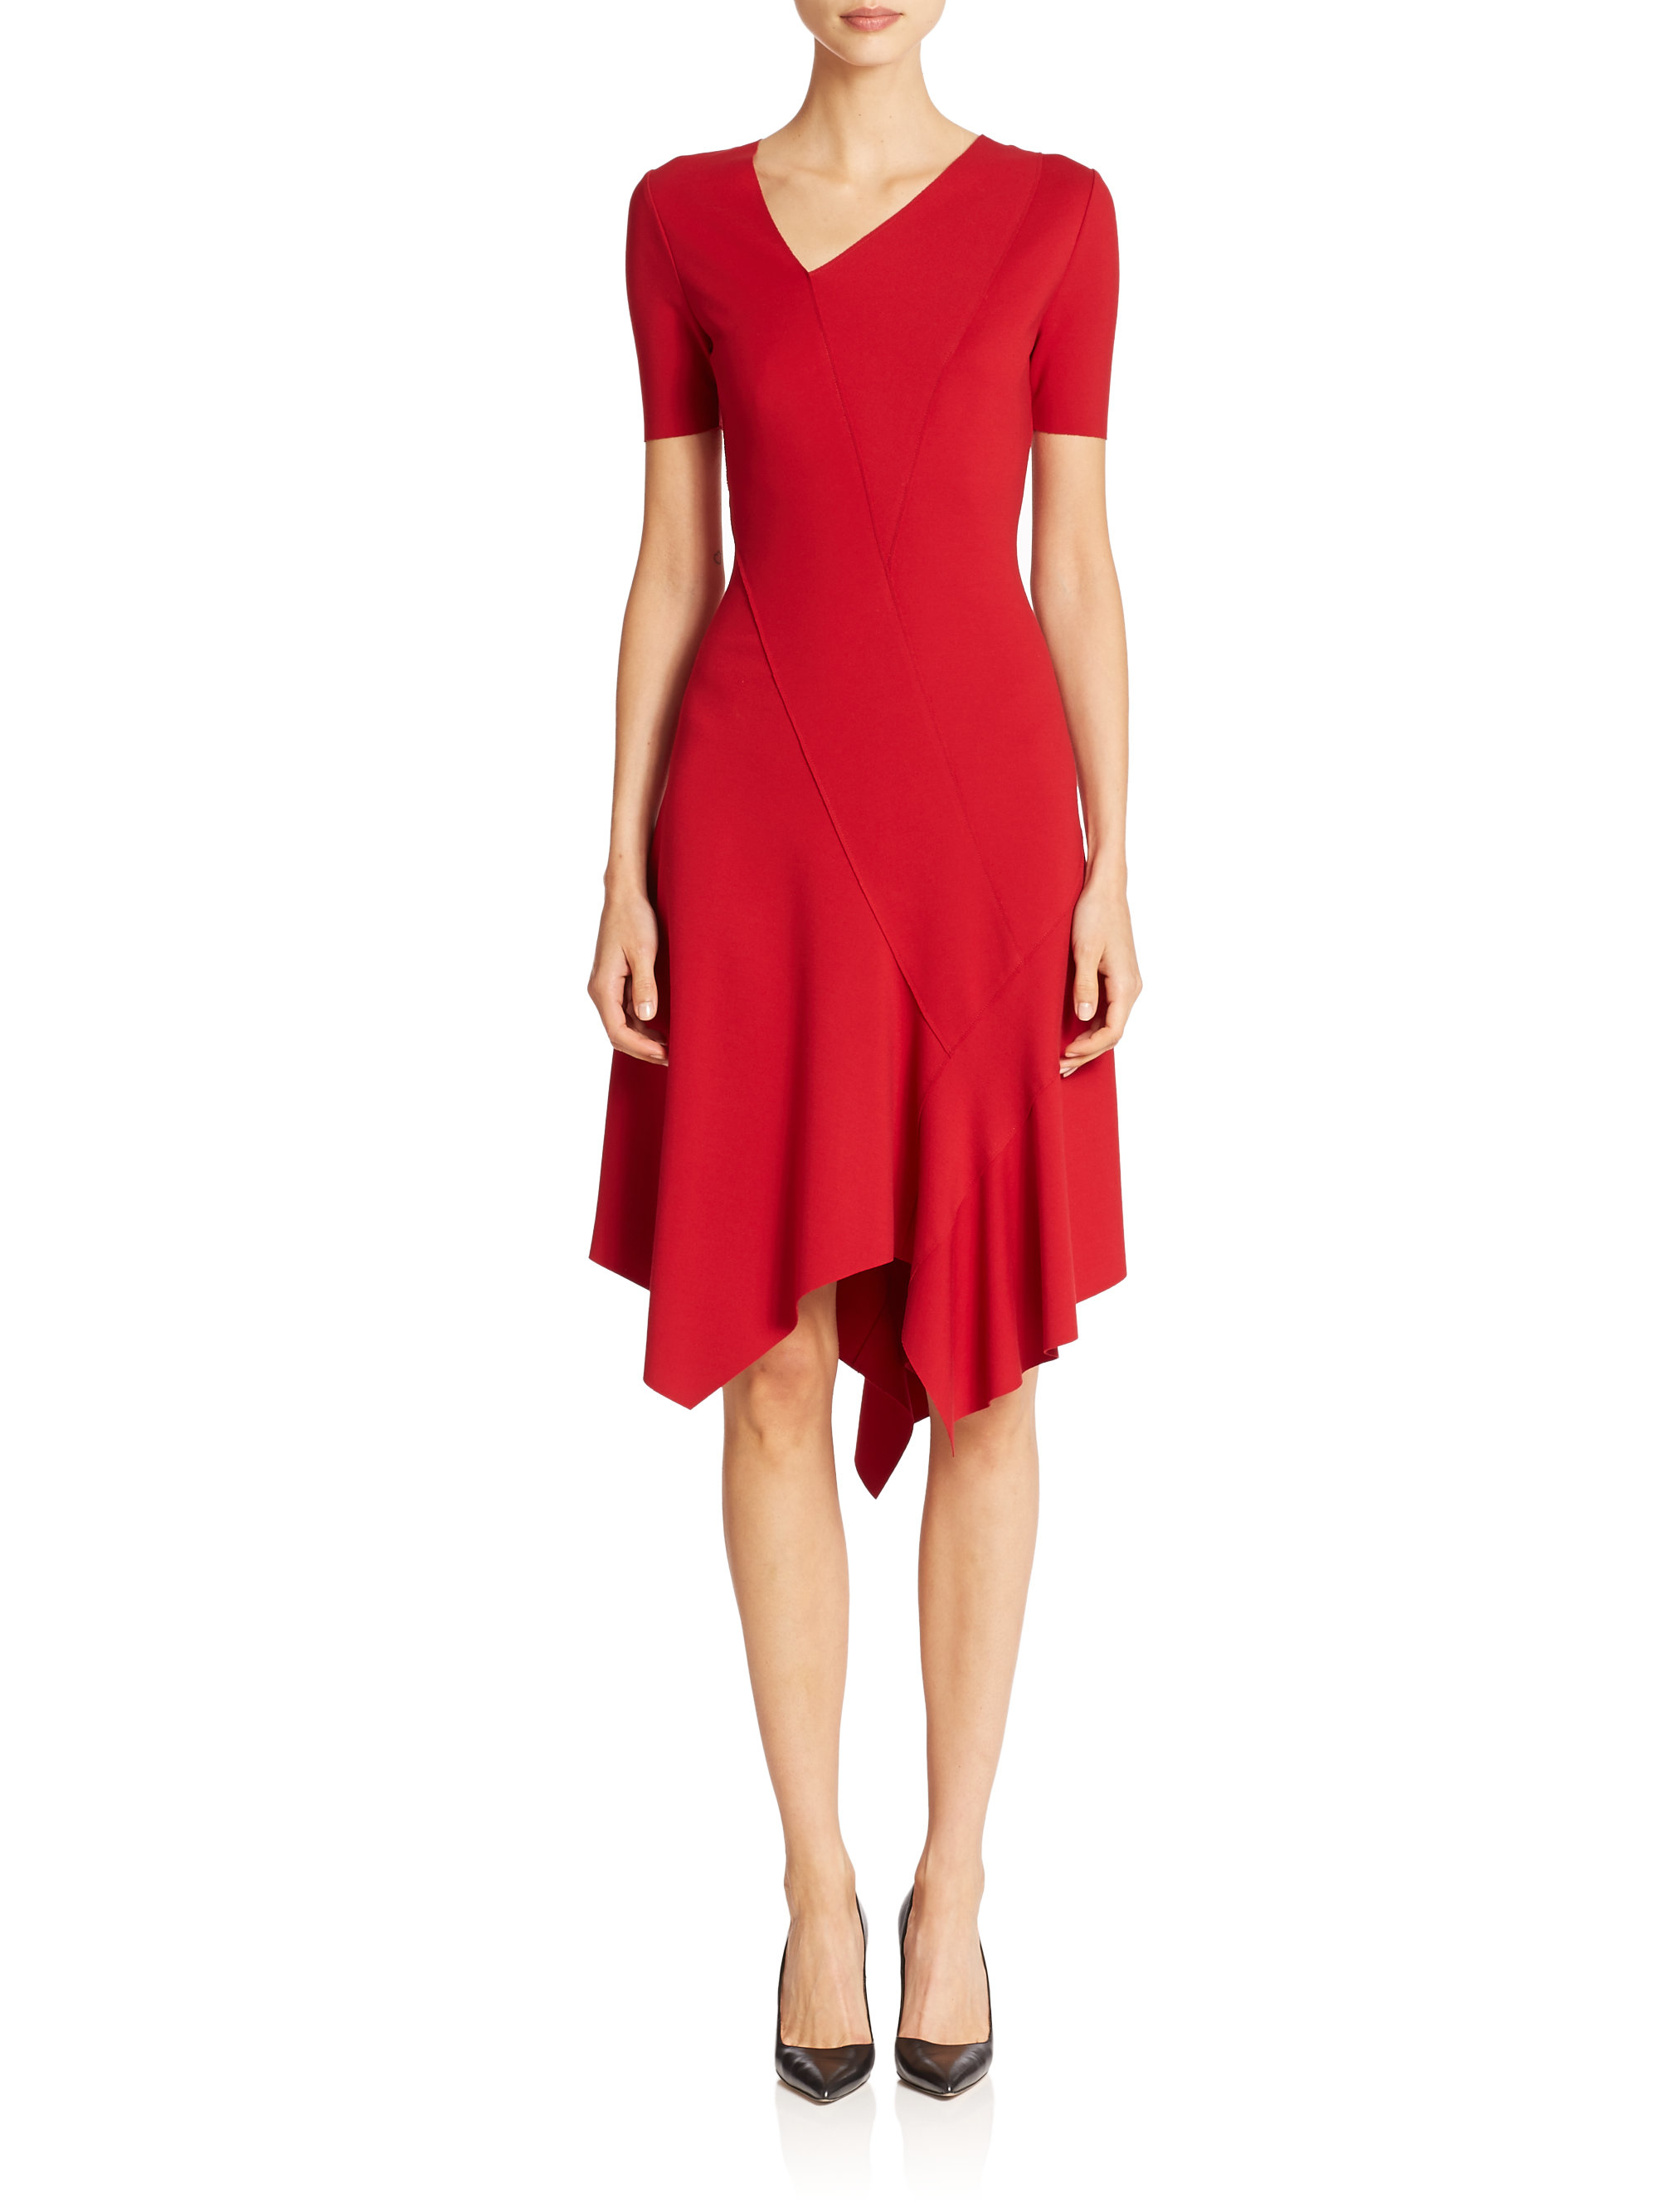 Elie Tahari Dariah Asymmetrical Dress In Red Poppy Lyst